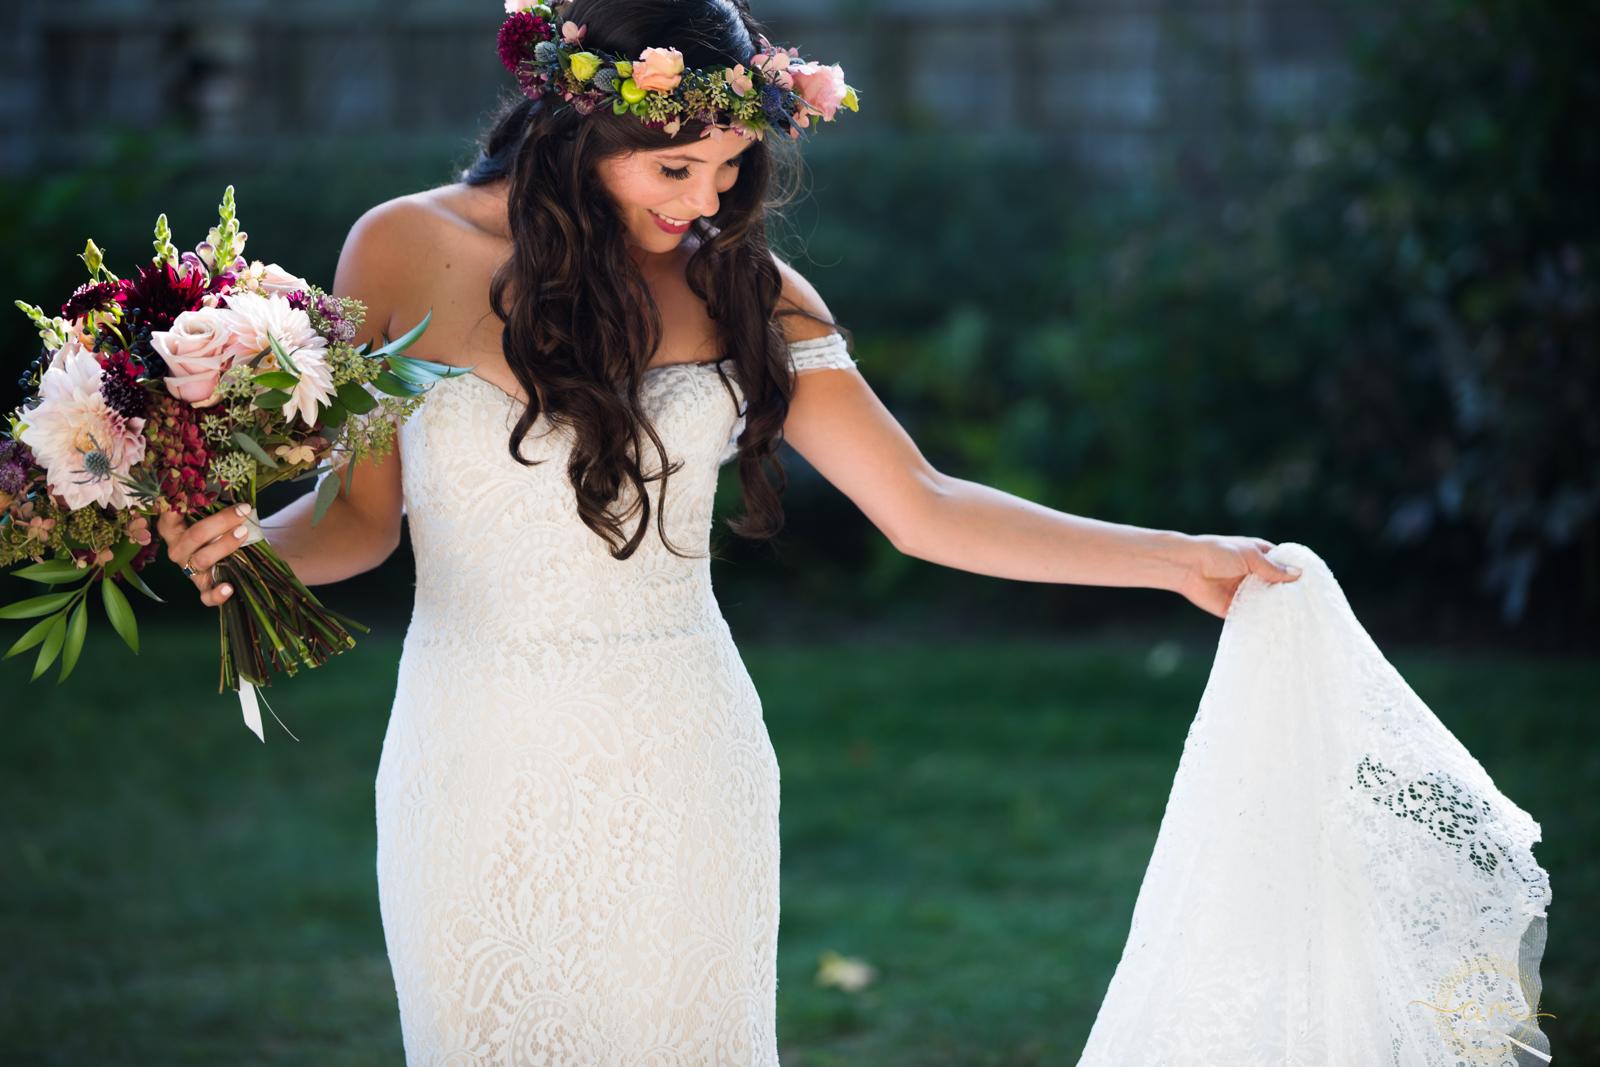 Narragansett-RI-Beach-Wedding-Amanda-Morgan-11.jpg